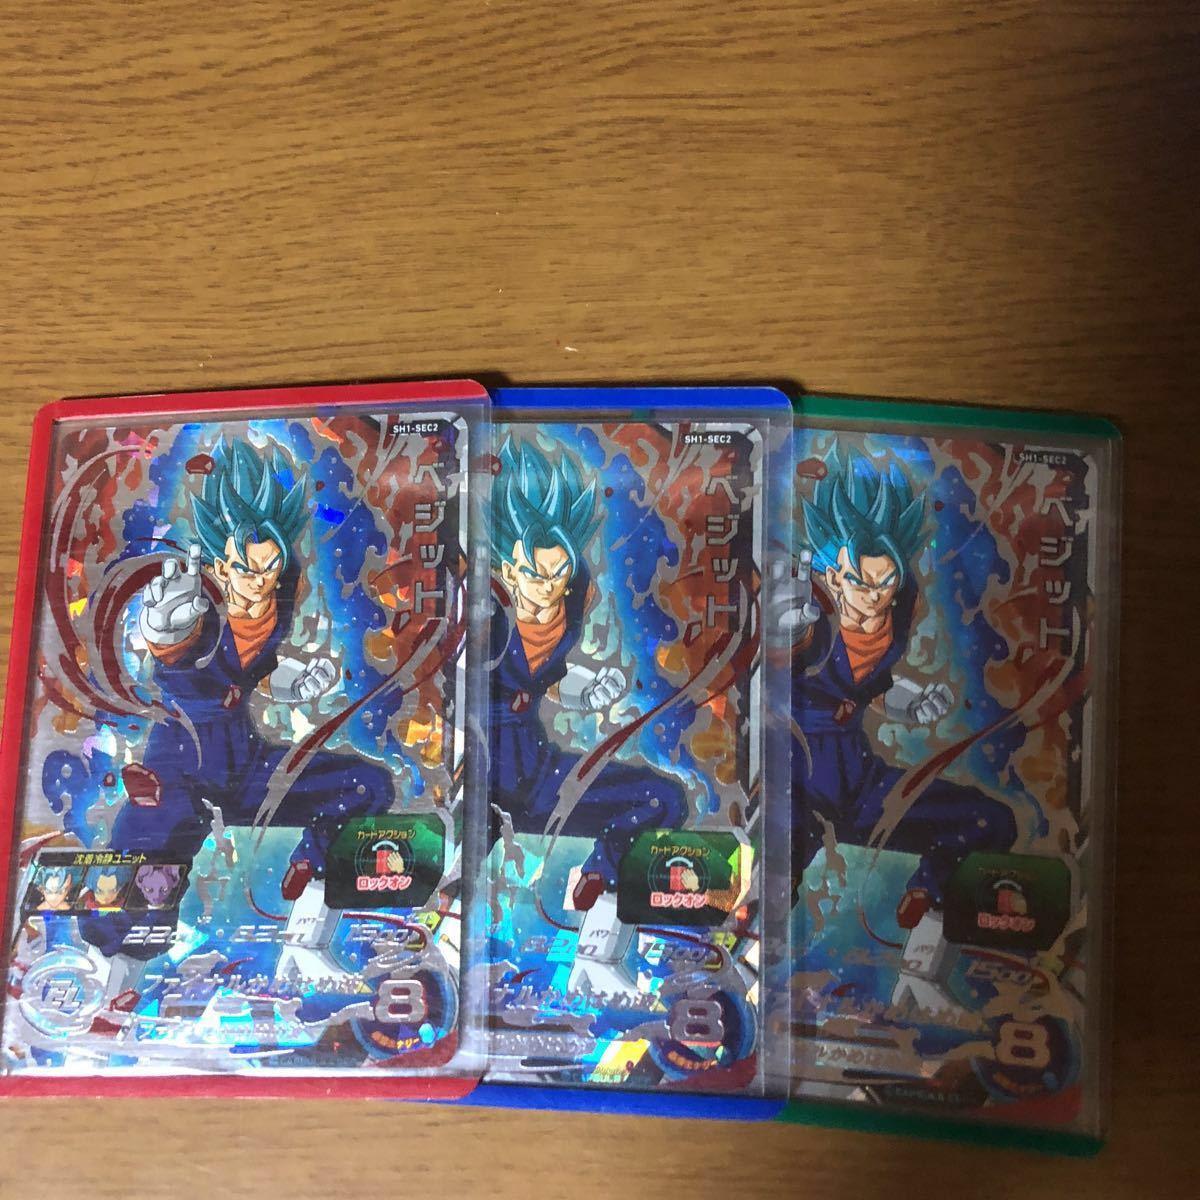 ★1円スタート★ドラゴンボールヒーローズ ベジットブルー ブルベジ SEC SH1-SEC2 ベジット 3枚セット